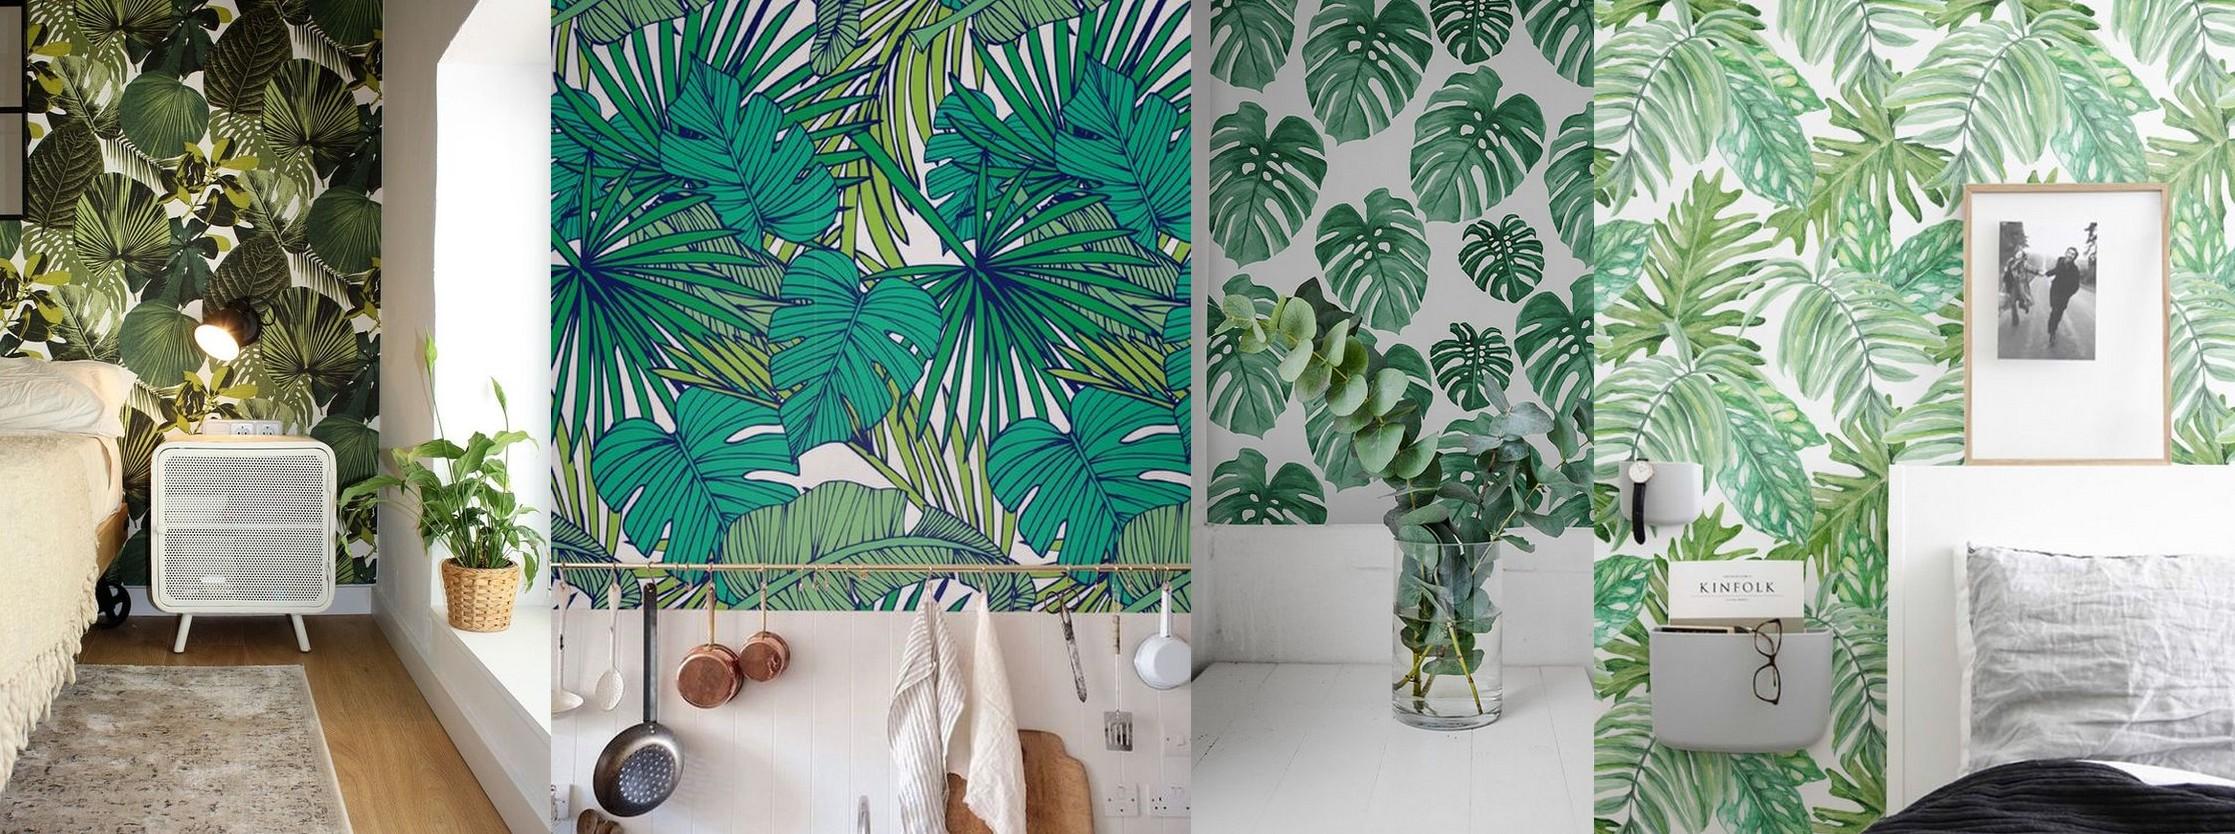 Papier peint (jungle1)